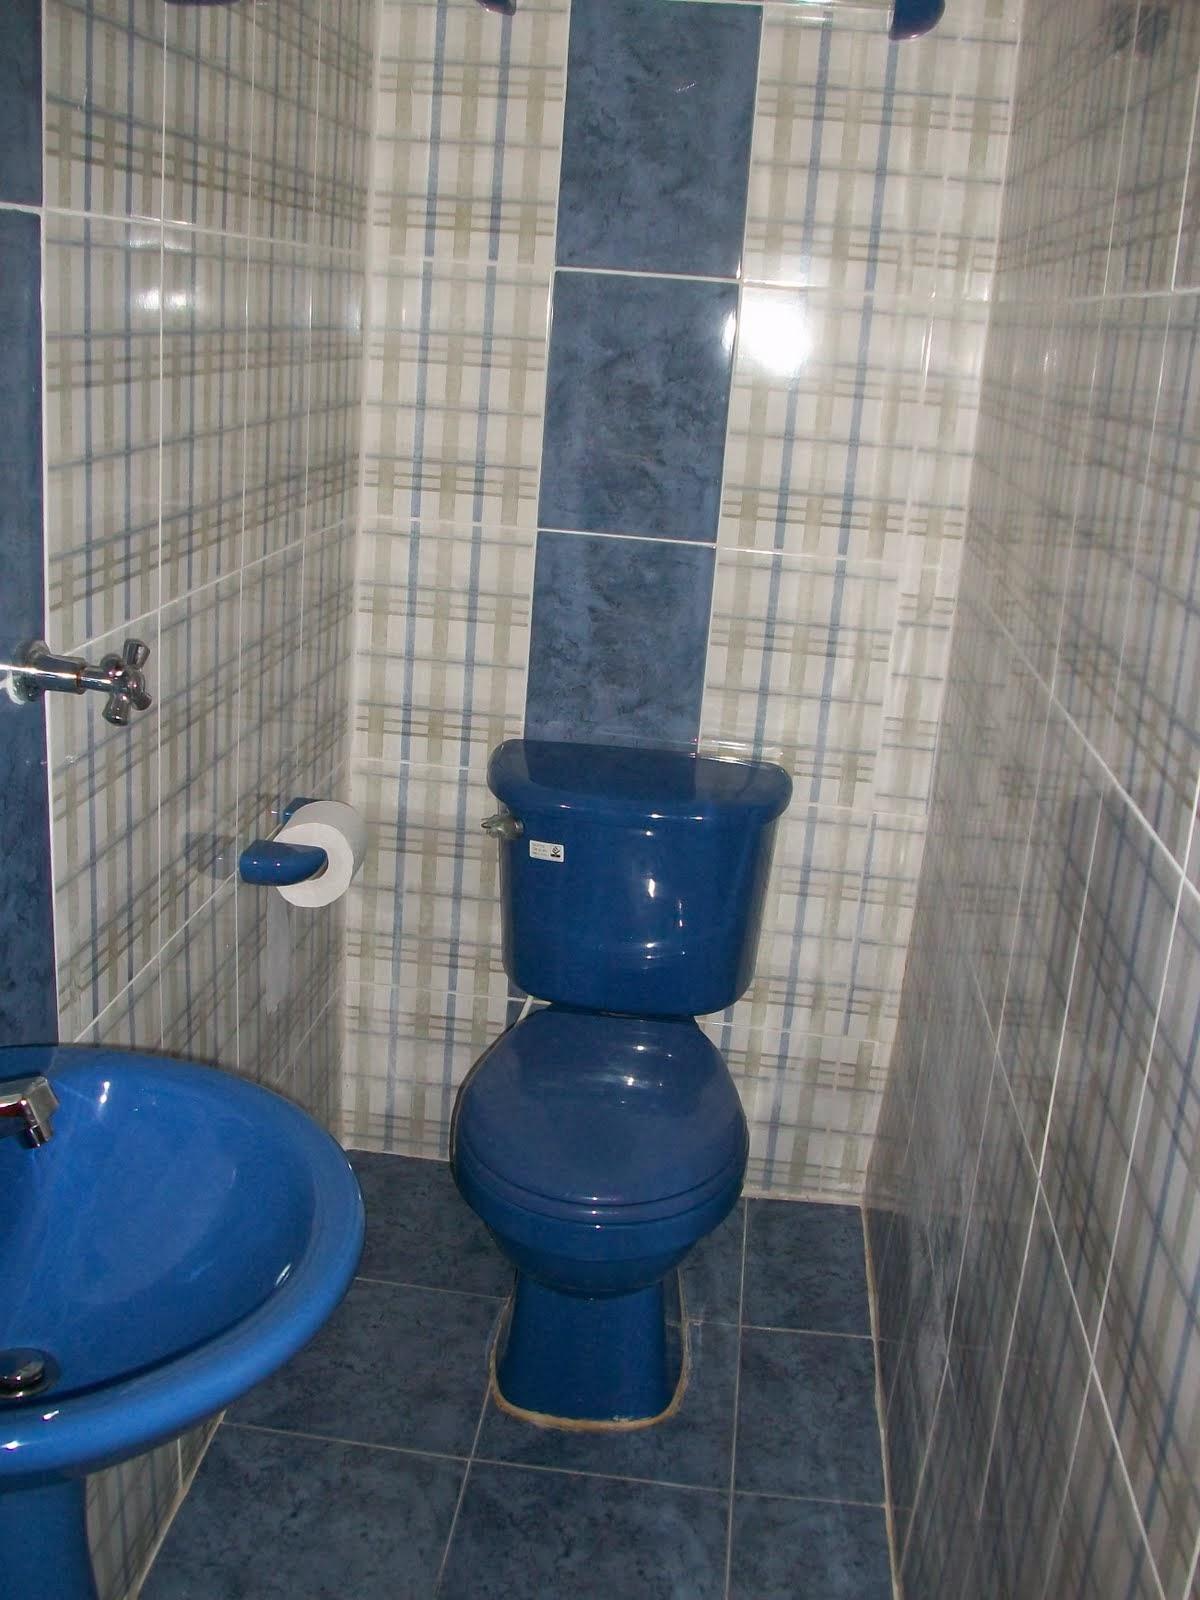 Decoracion actual de moda ba os en distintos tonos de azul - Banos azules decoracion ...